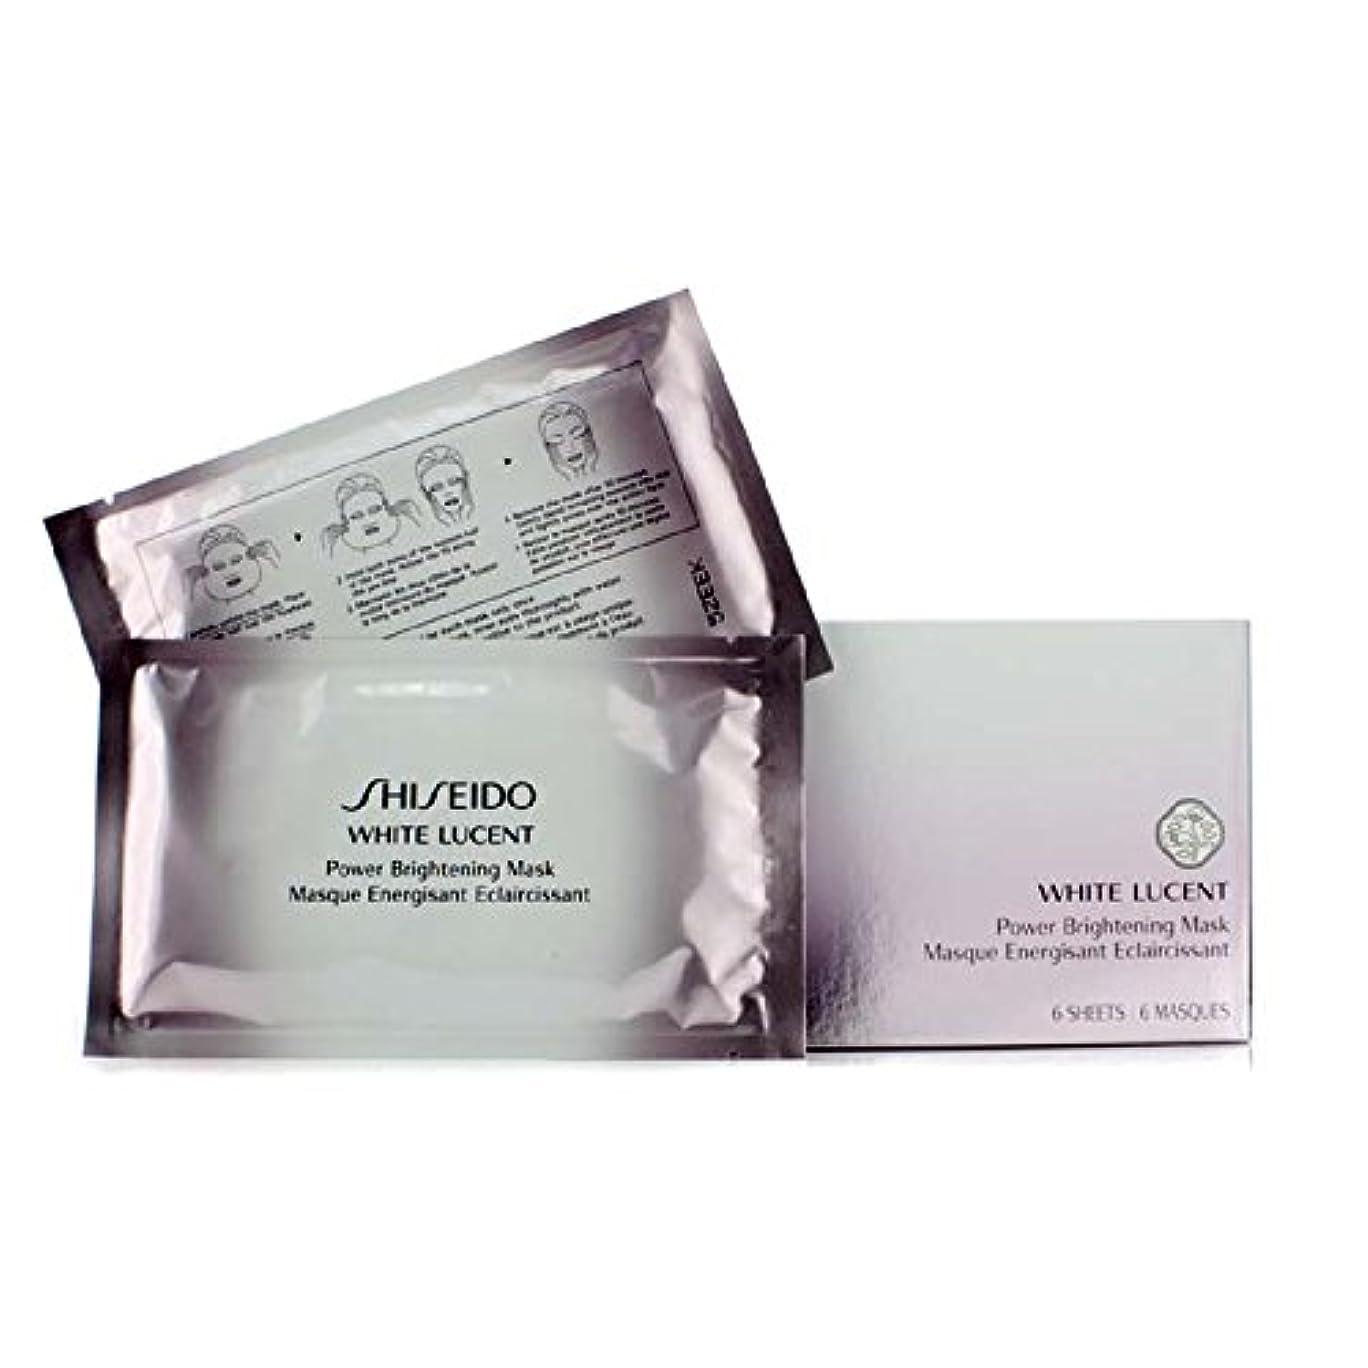 賢い有益な分散資生堂 ホワイトルーセント パワーブライトニングマスク 6 sheets並行輸入品